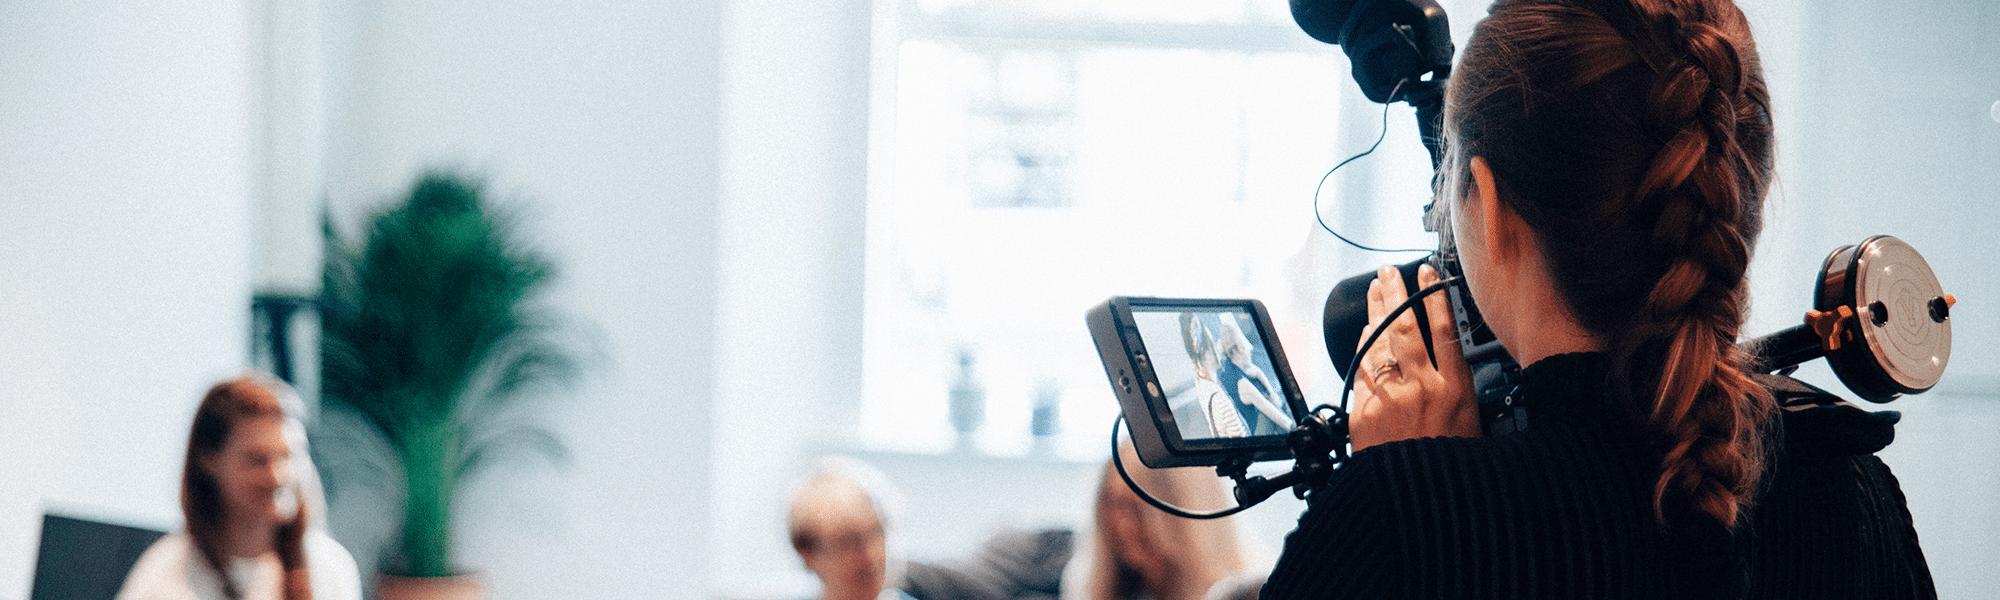 Digital Trends for 2020: Evolution of Video